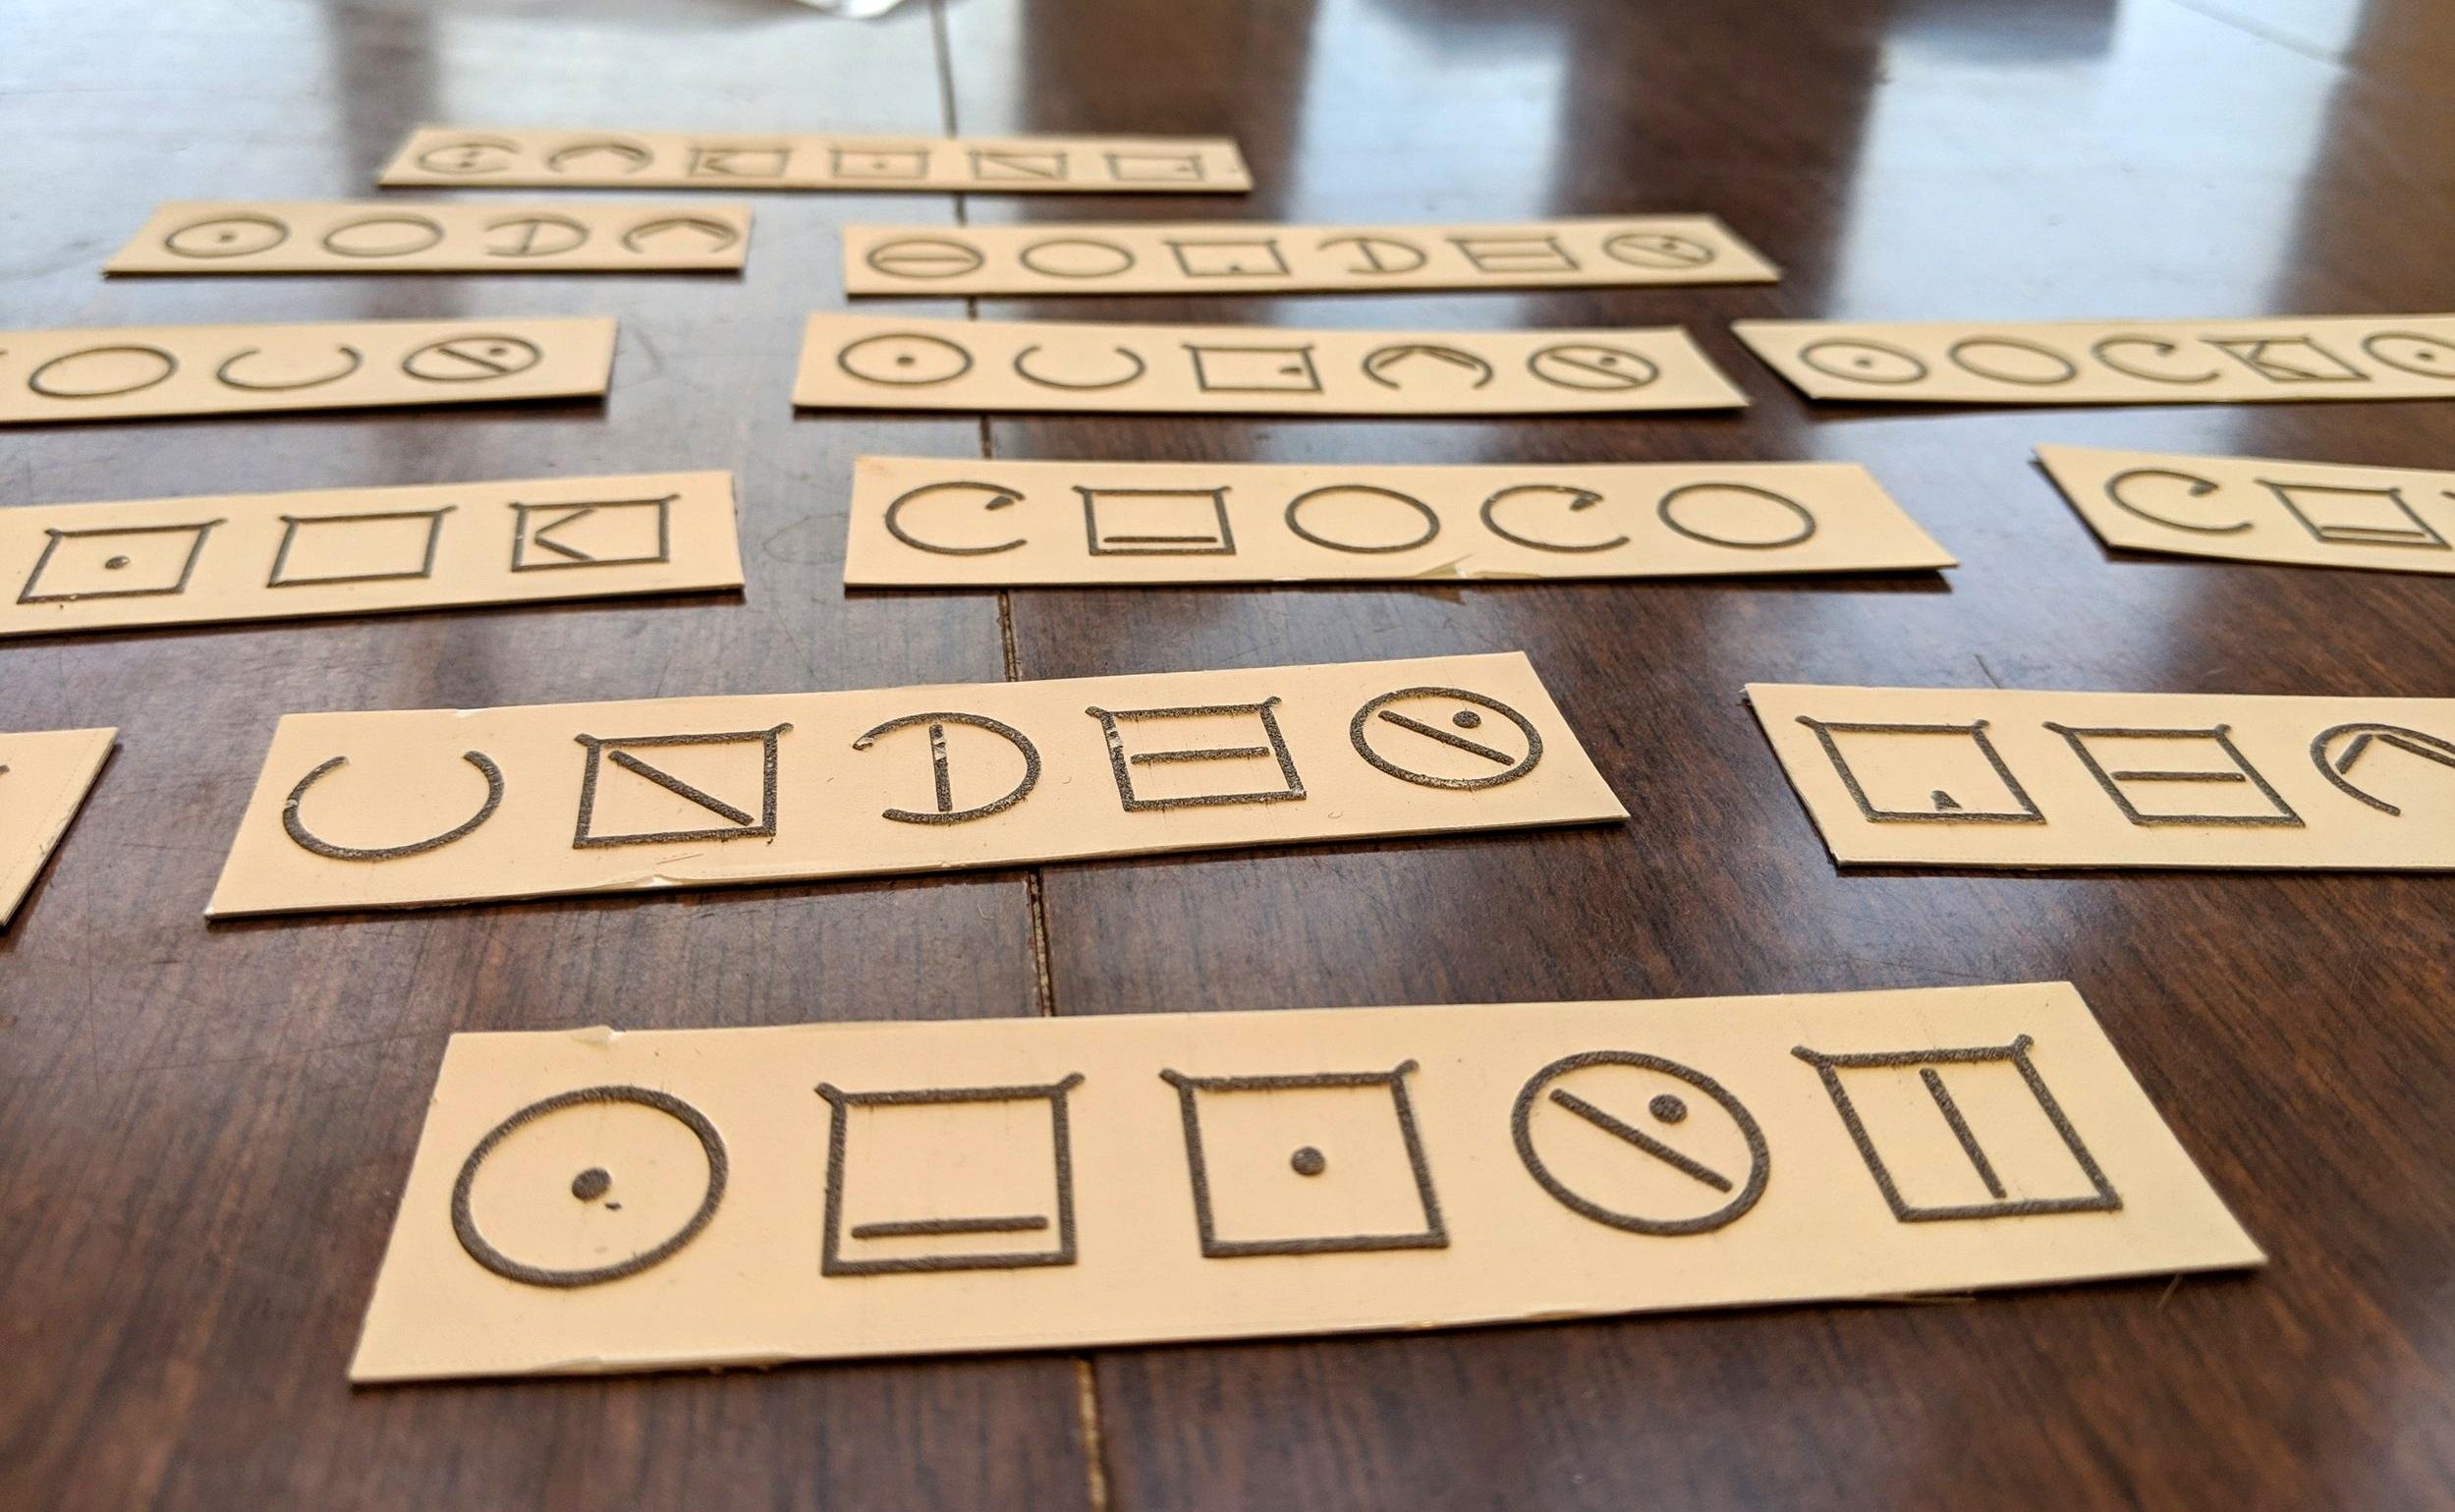 """ELIA Frame individual adhesive labels with """"baking"""", """"soda"""", """"powder"""", """"sugar"""", """"socks"""", """"choco"""", """"under"""", and """"shirt""""."""